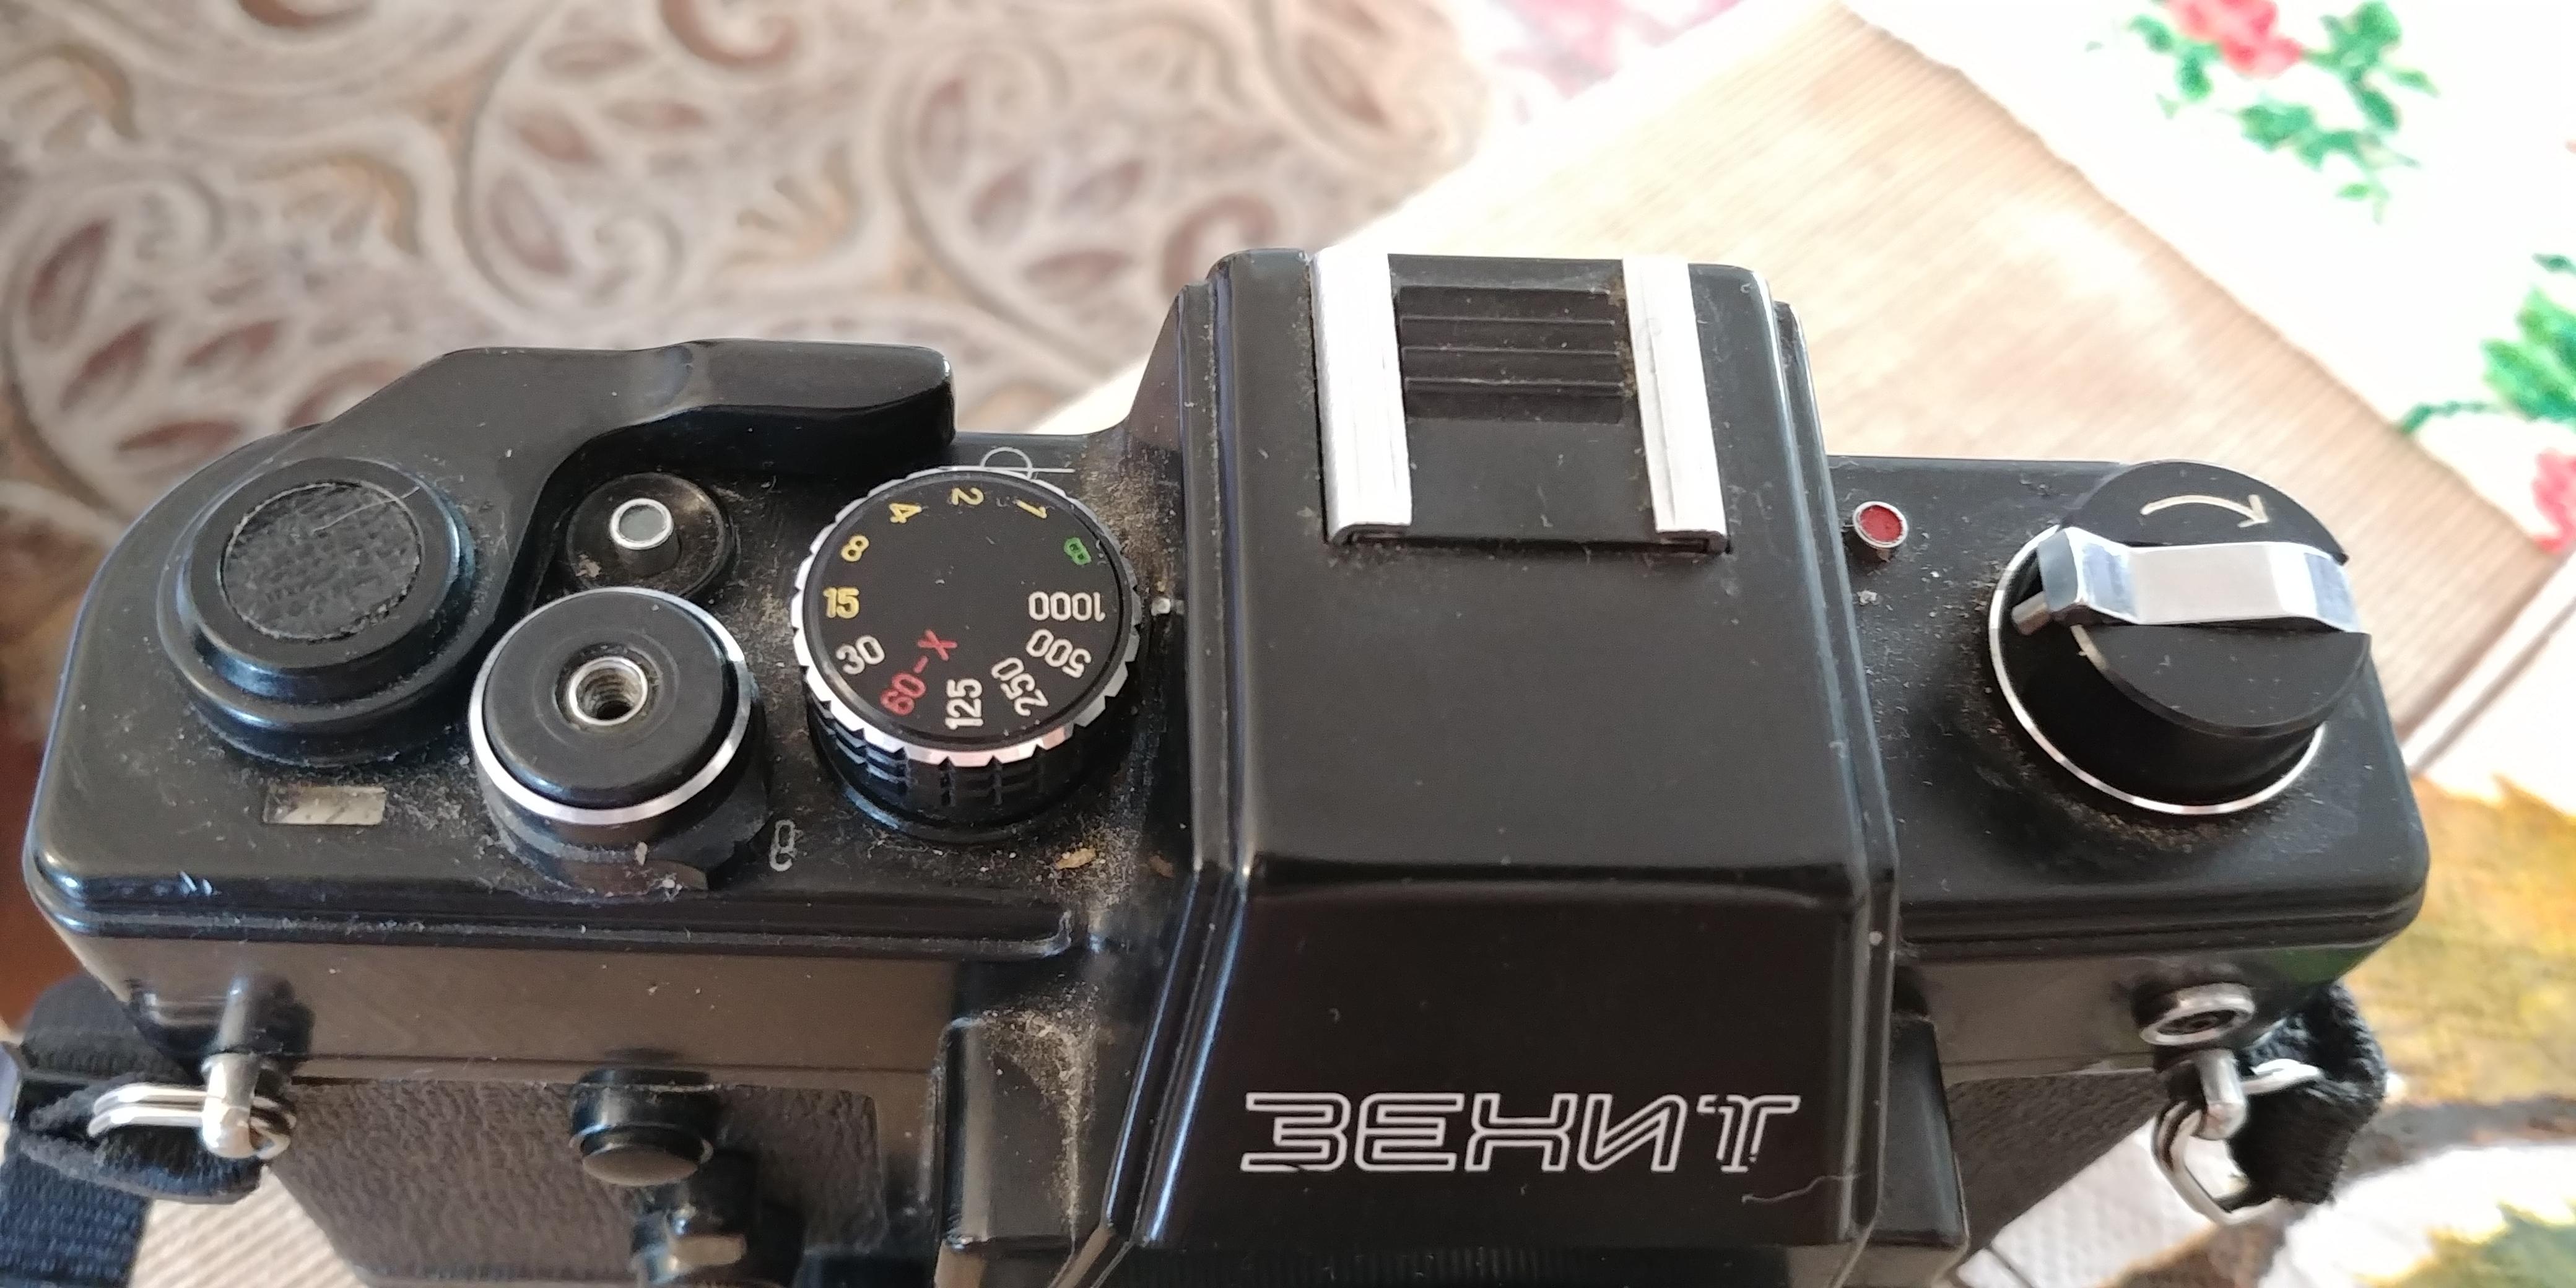 Zenit-19 review - Kosmo Foto